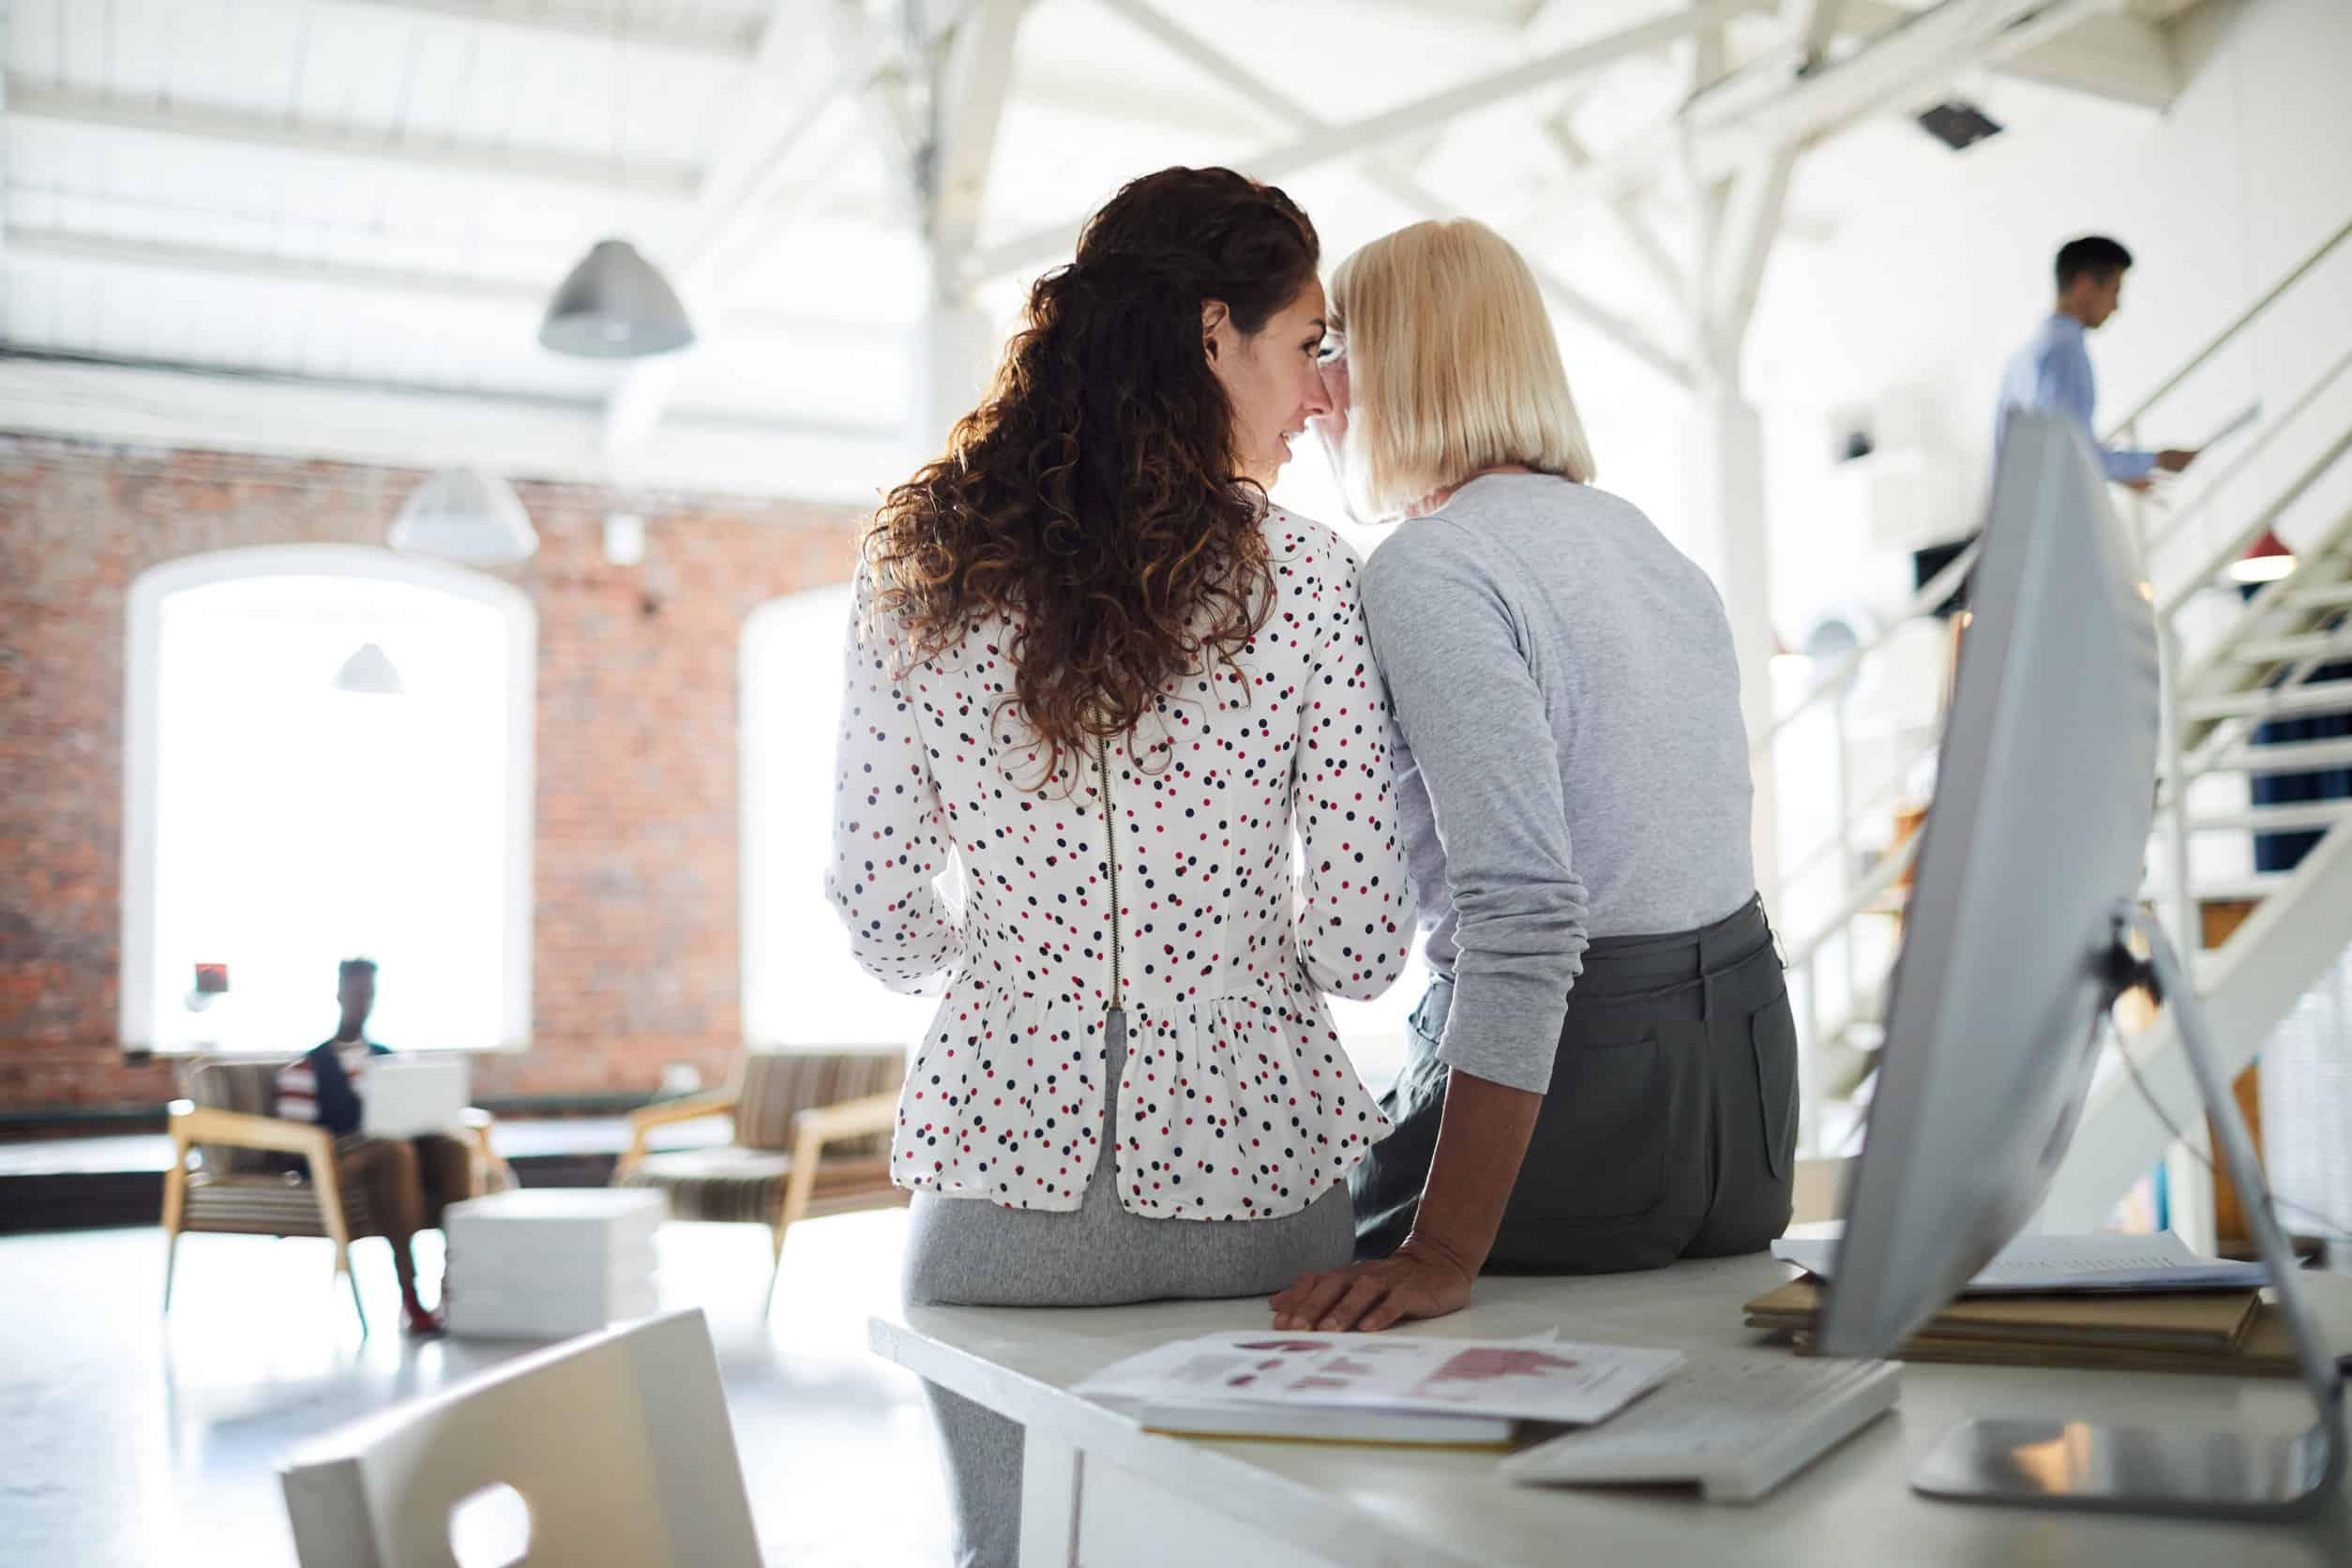 Klatsch und Tratsch am Arbeitsplatz: Zwei Frauen flüstern ins Ohr.